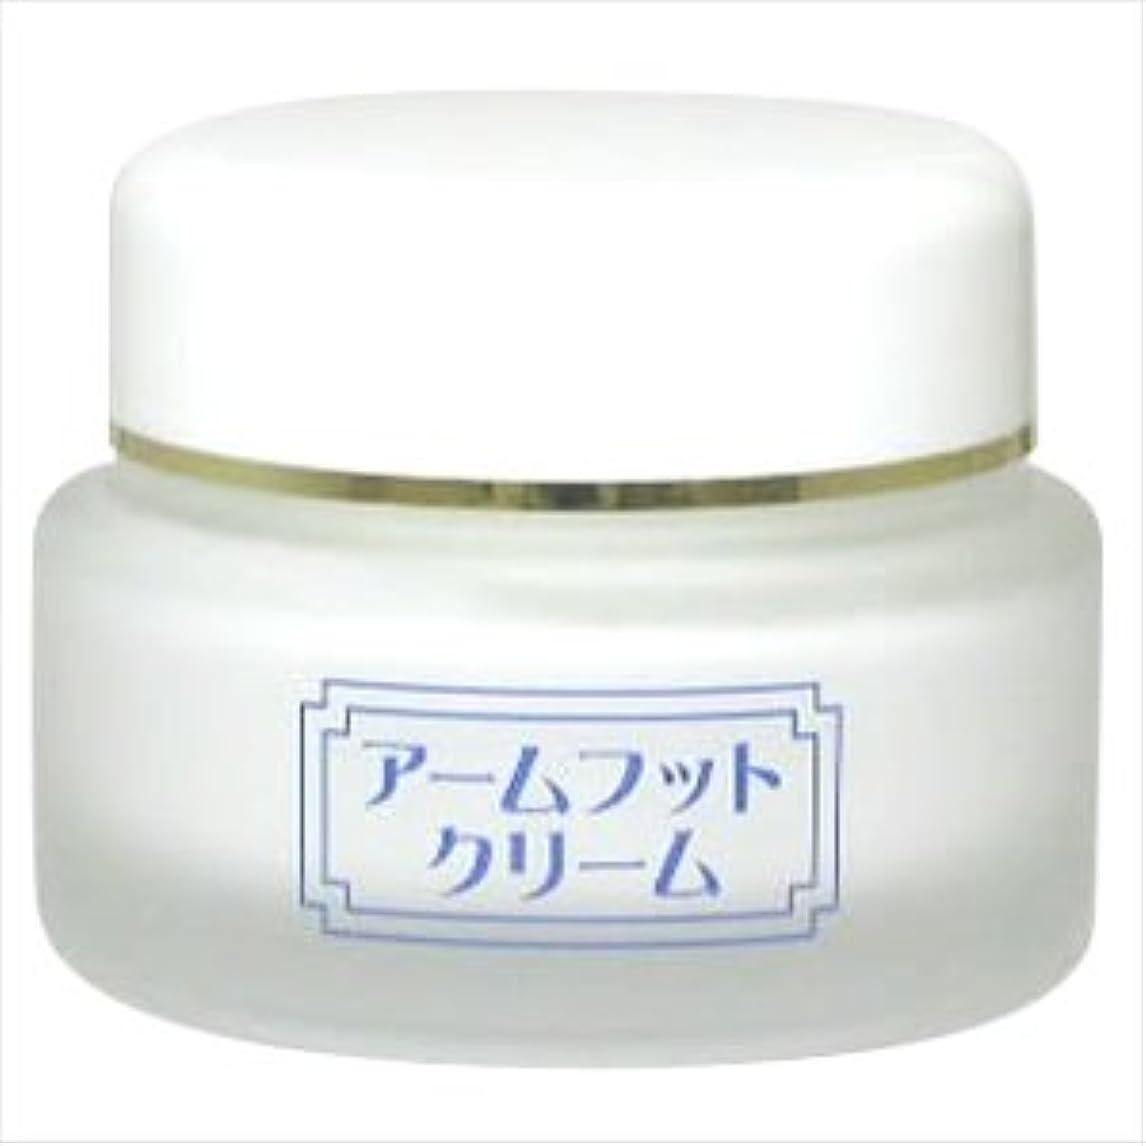 とメガロポリス学ぶ薬用デオドラントクリーム アームフットクリーム(20g) (1個)